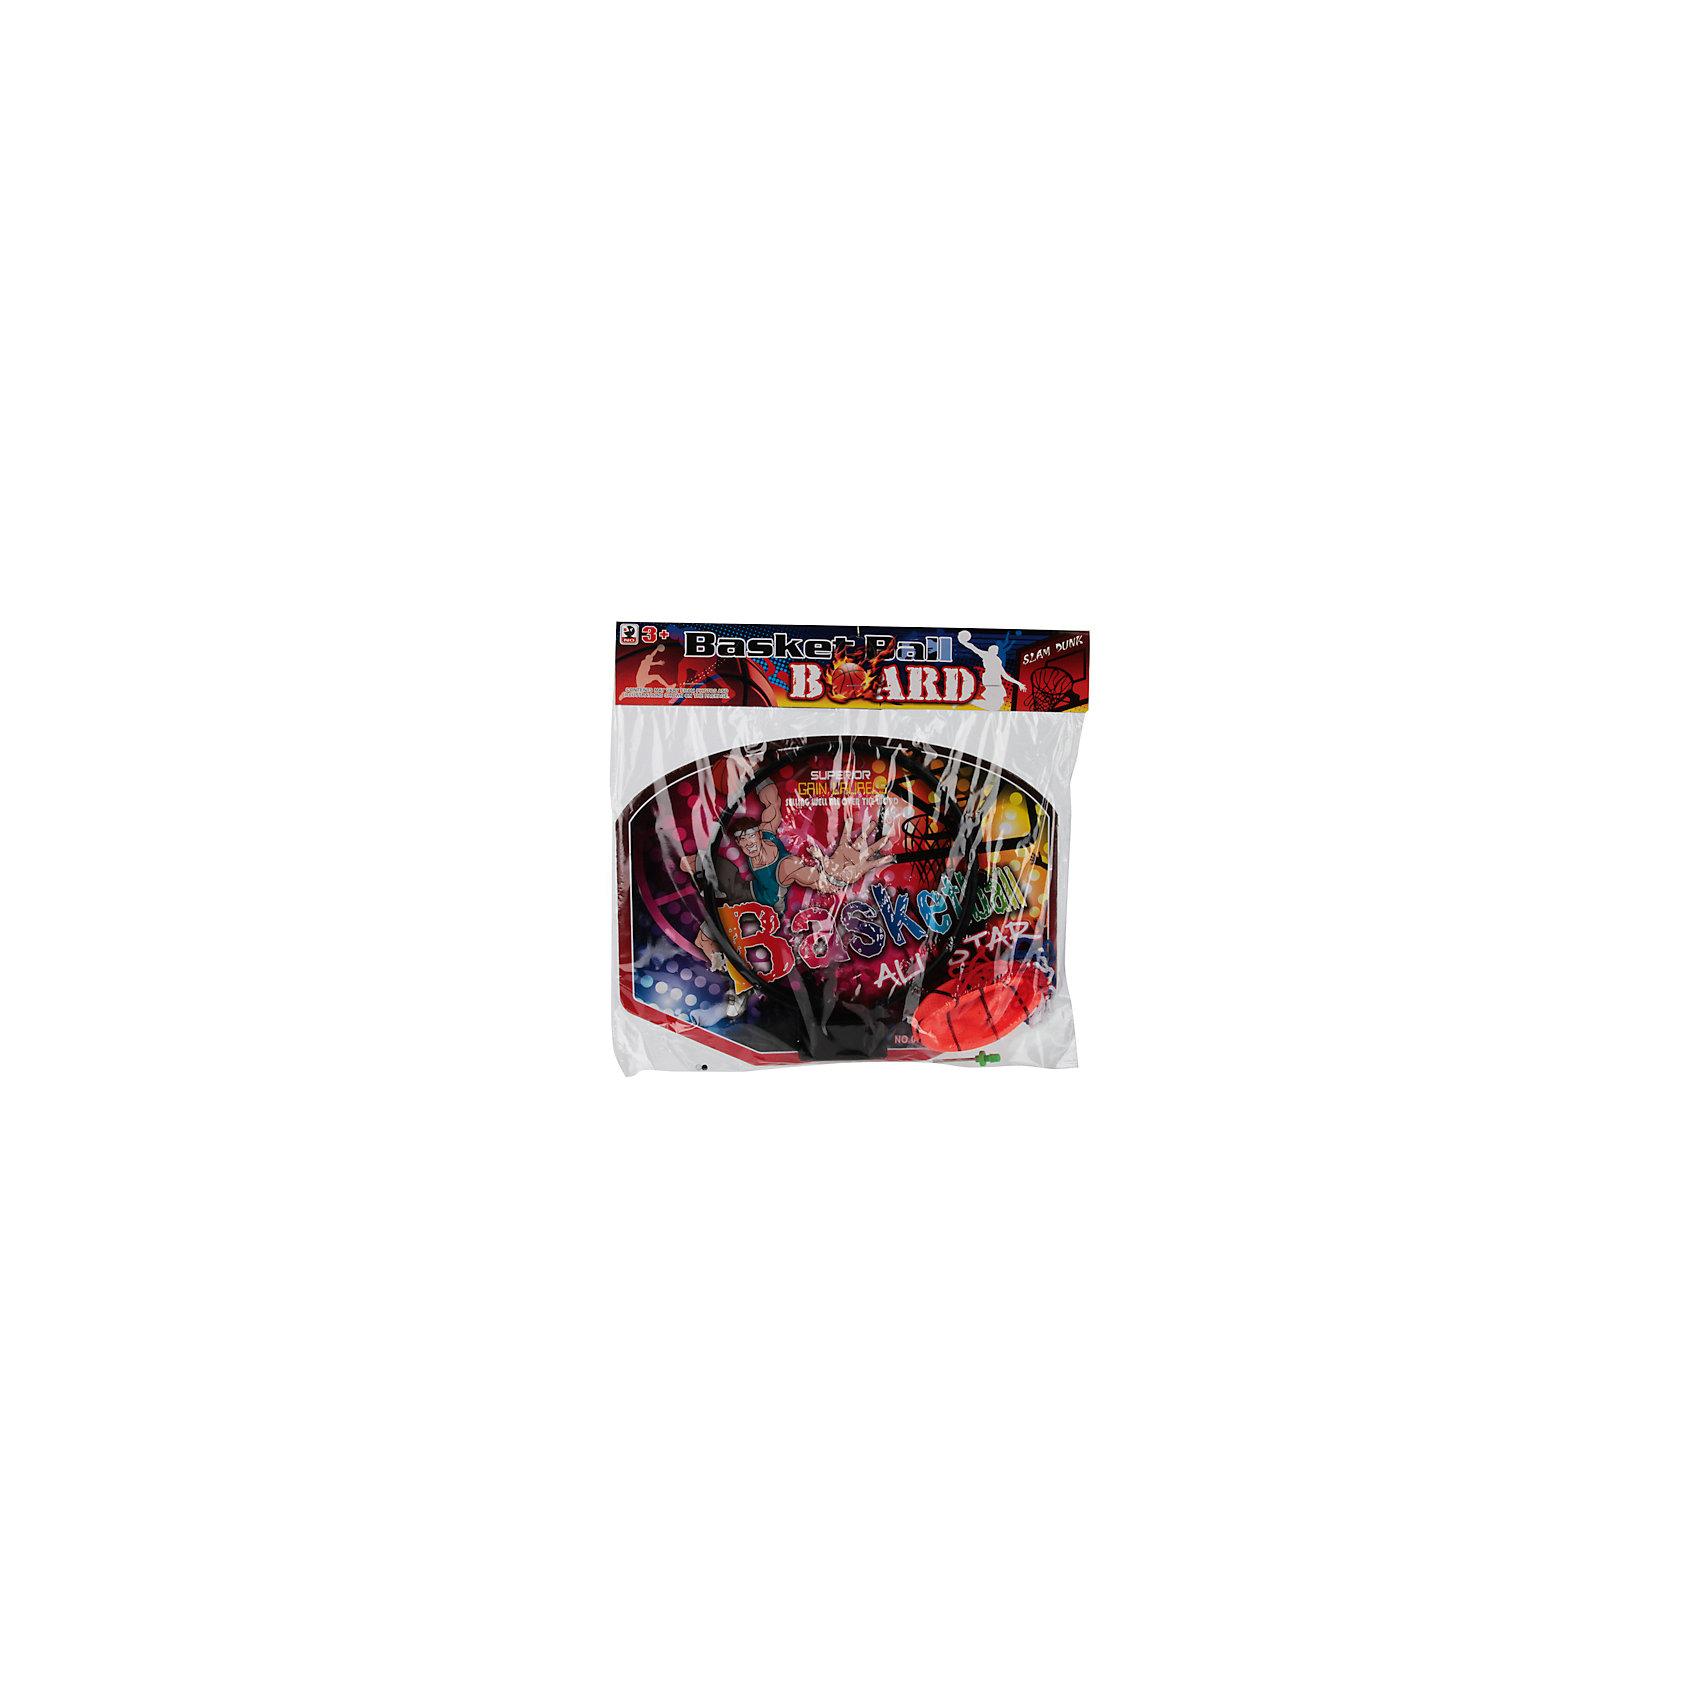 Набор для игры в баскетбол, красныйИгровые наборы<br>Характеристики товара:<br><br>• цвет: красный<br>• вид спорта: баскетбол<br>• материал: пластик, текстиль<br>• комплект: щит с кольцом, сетка, мяч, игла для надувания<br>• возраст: с 3 лет<br>• размер: 21х20х28см<br>• вес: 140гр<br><br>В комплект входит баскетбольный щит с кольцом и сеткой, который можно легко прикрепить к любой стене, а также мяч и игла для накачивания мяча. <br><br>Благодаря небольшим размерам набора, в баскетбол можно играть как во дворе, так и у себя в комнате.<br><br>Набор для игры в баскетбол можно купить в нашем интернет-магазине.<br><br>Ширина мм: 210<br>Глубина мм: 20<br>Высота мм: 280<br>Вес г: 140<br>Возраст от месяцев: 36<br>Возраст до месяцев: 96<br>Пол: Унисекс<br>Возраст: Детский<br>SKU: 5528146